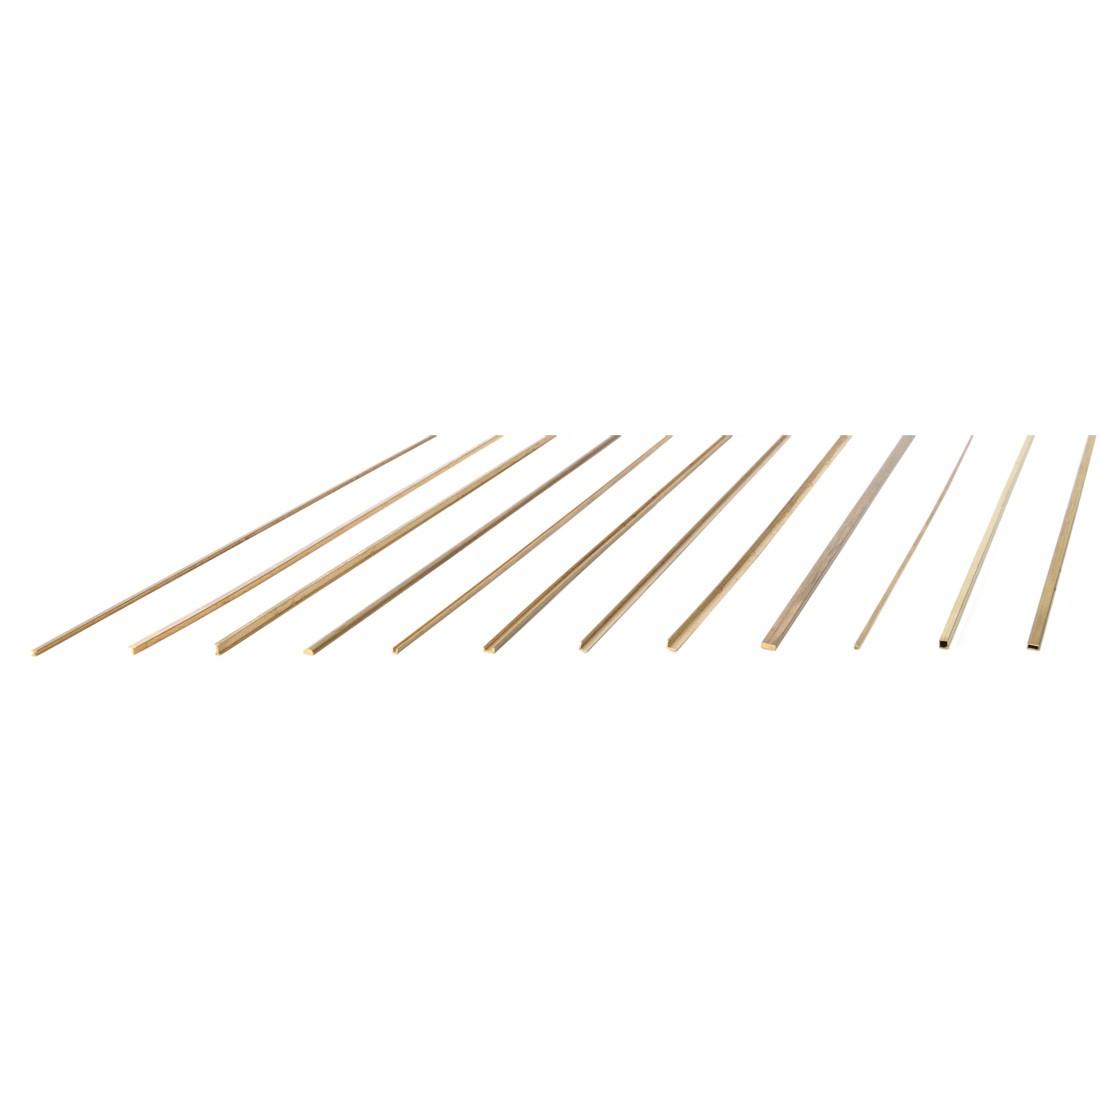 Micro profils laiton 4x2x500